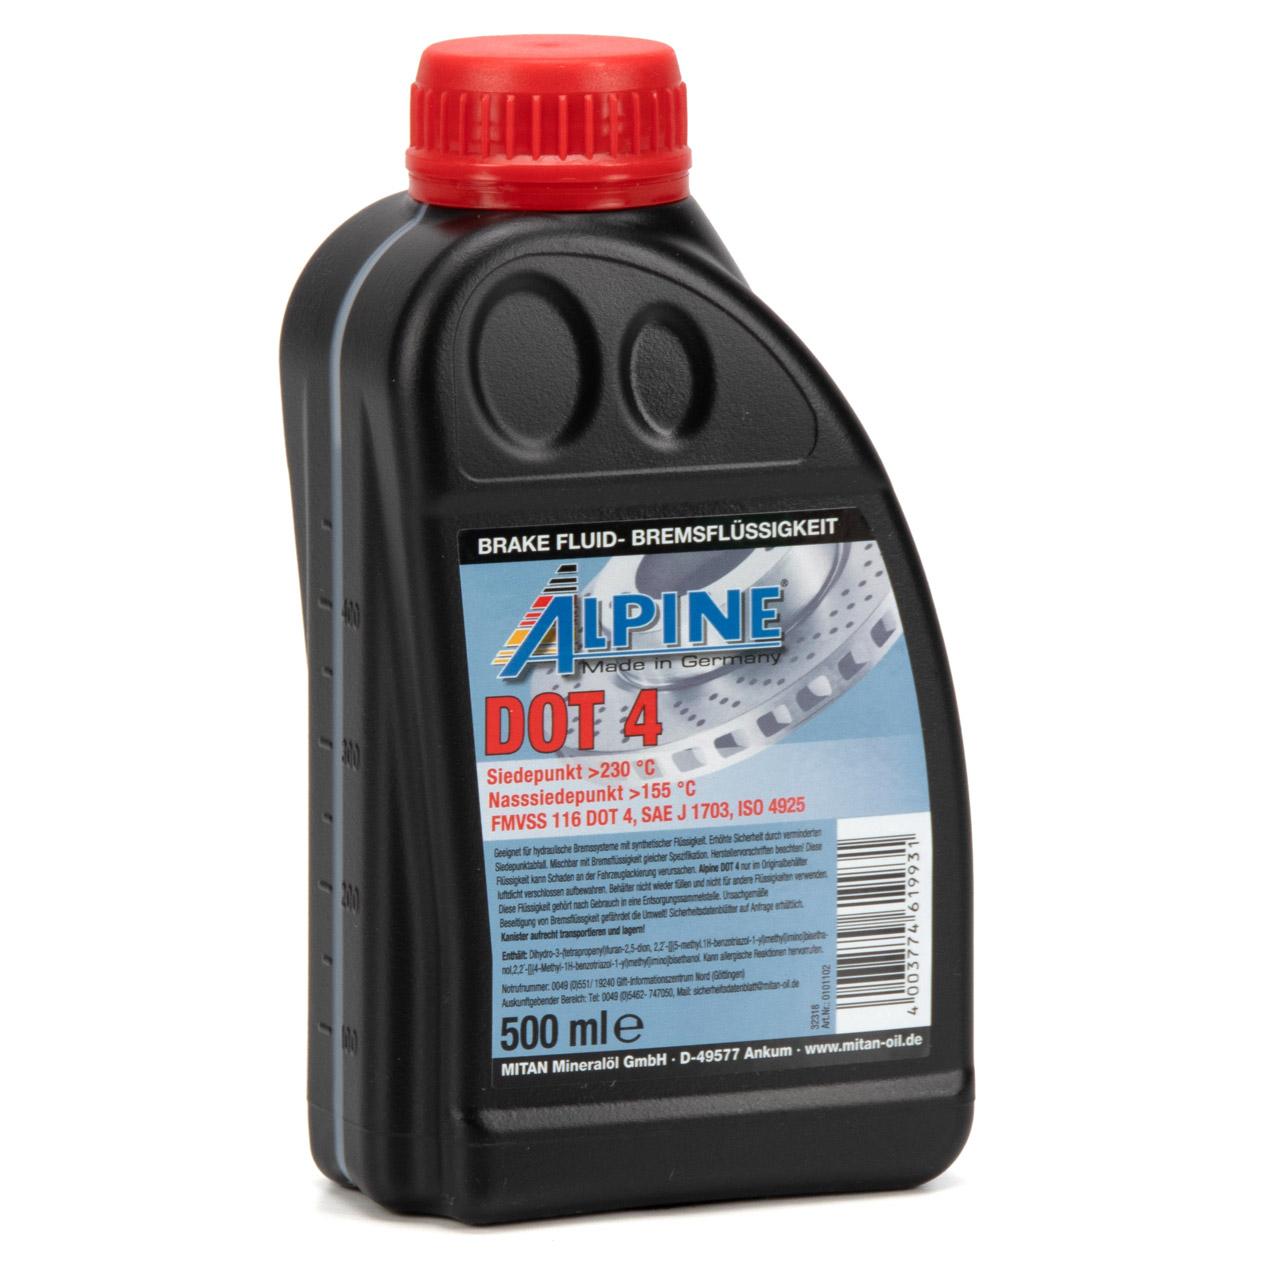 ALPINE 0101102 Bremsflüssigkeit Brake Fluid FMVSS 1116 DOT 4 - 500ml